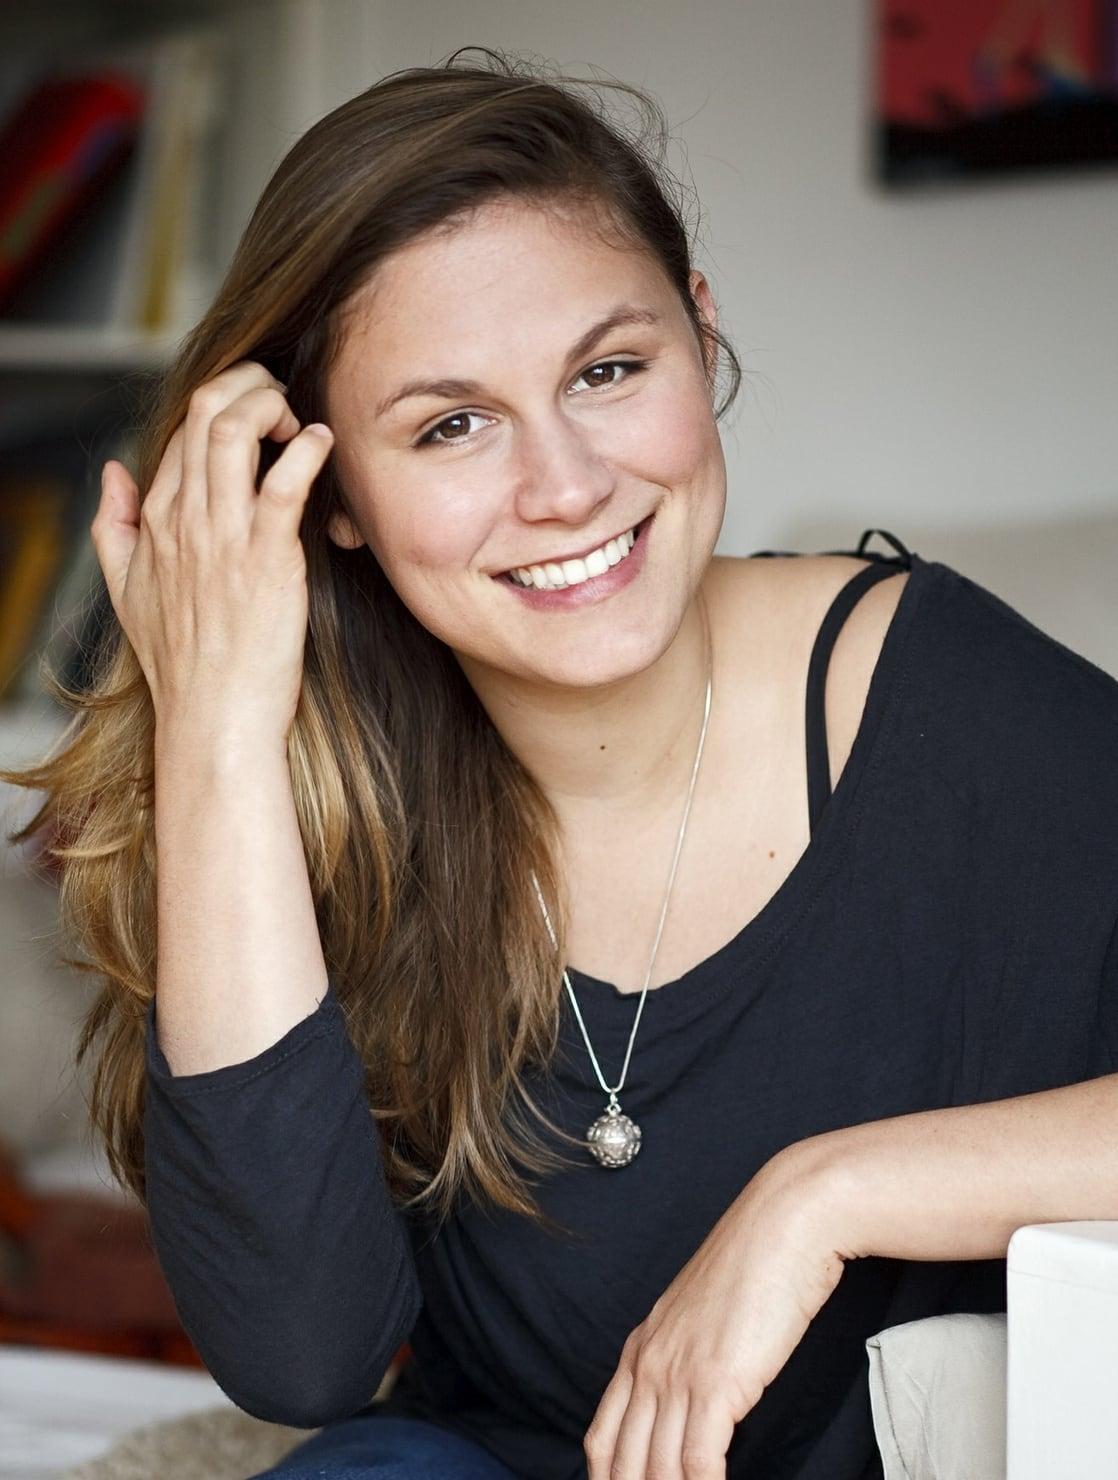 Sarah Marecek nude 27